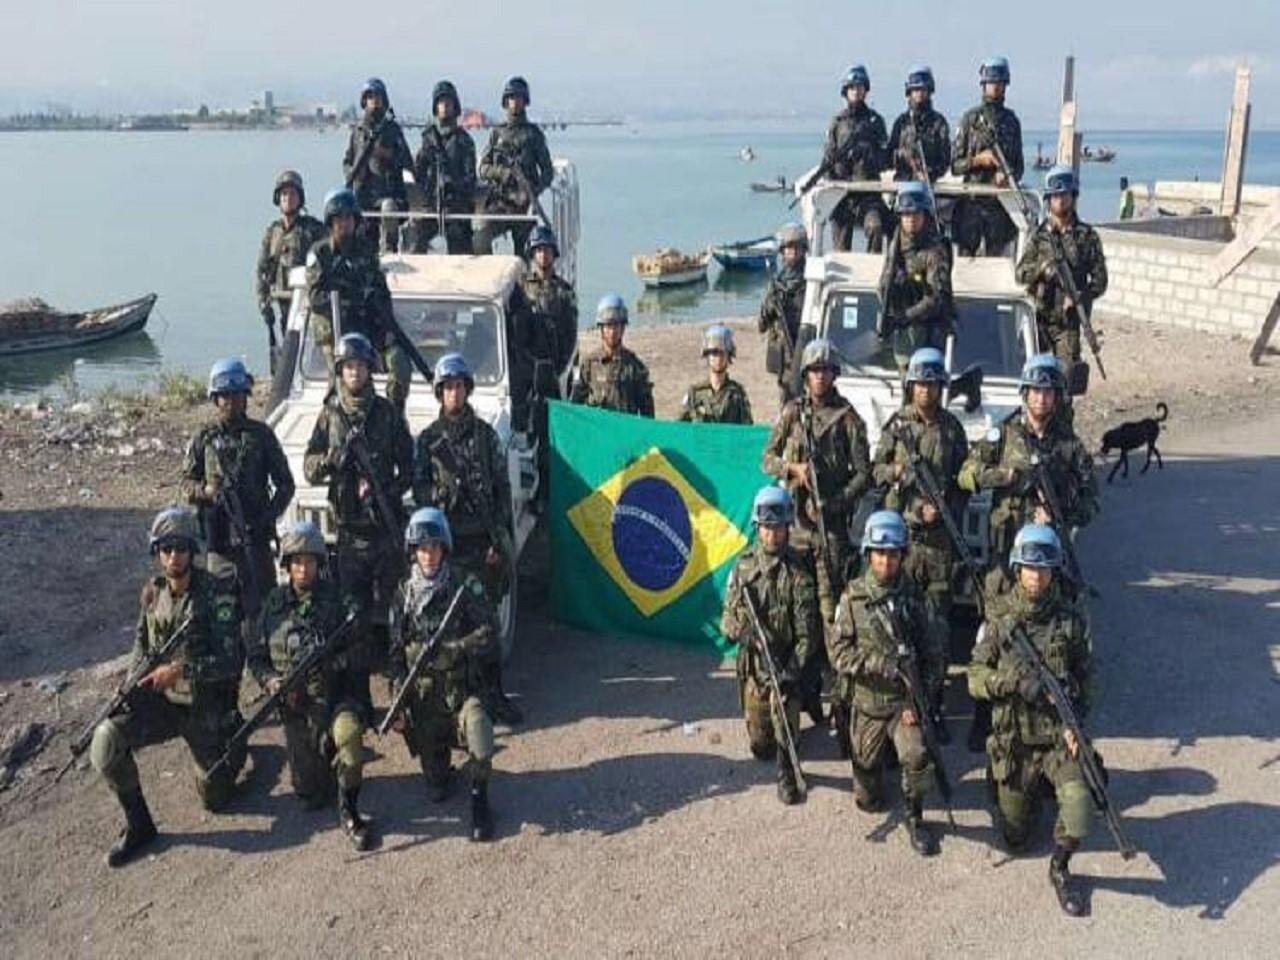 22º Batalhão de Infantaria comemora 25º Aniversário de Criação no Tocantins